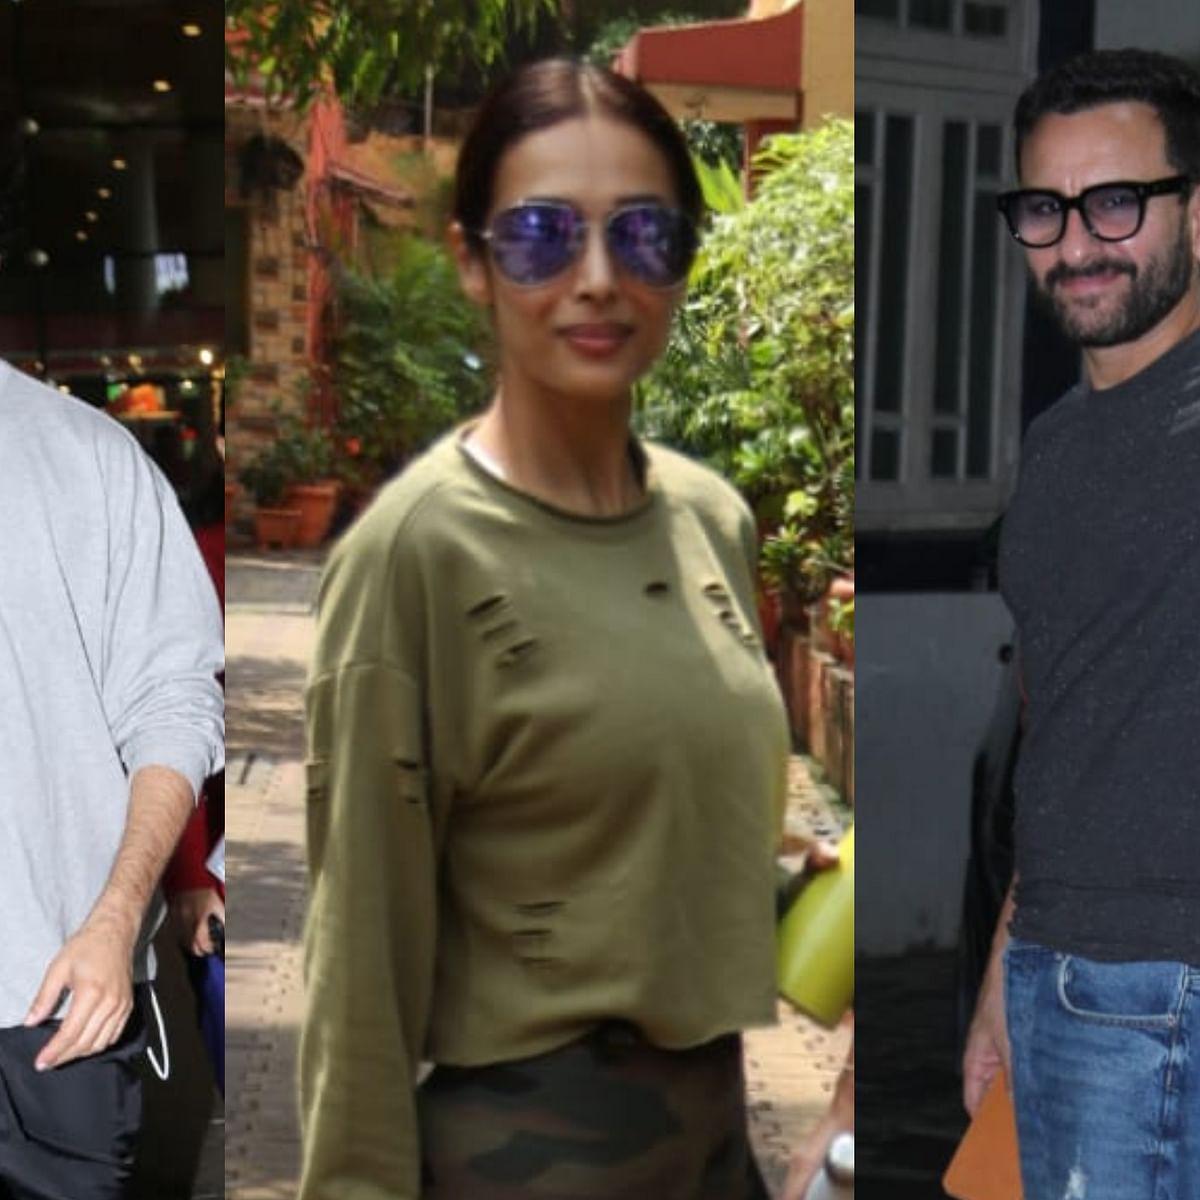 Shahid Kapoor, Malaika Arora, Saif Ali Khan clicked by Paparazzi in the city